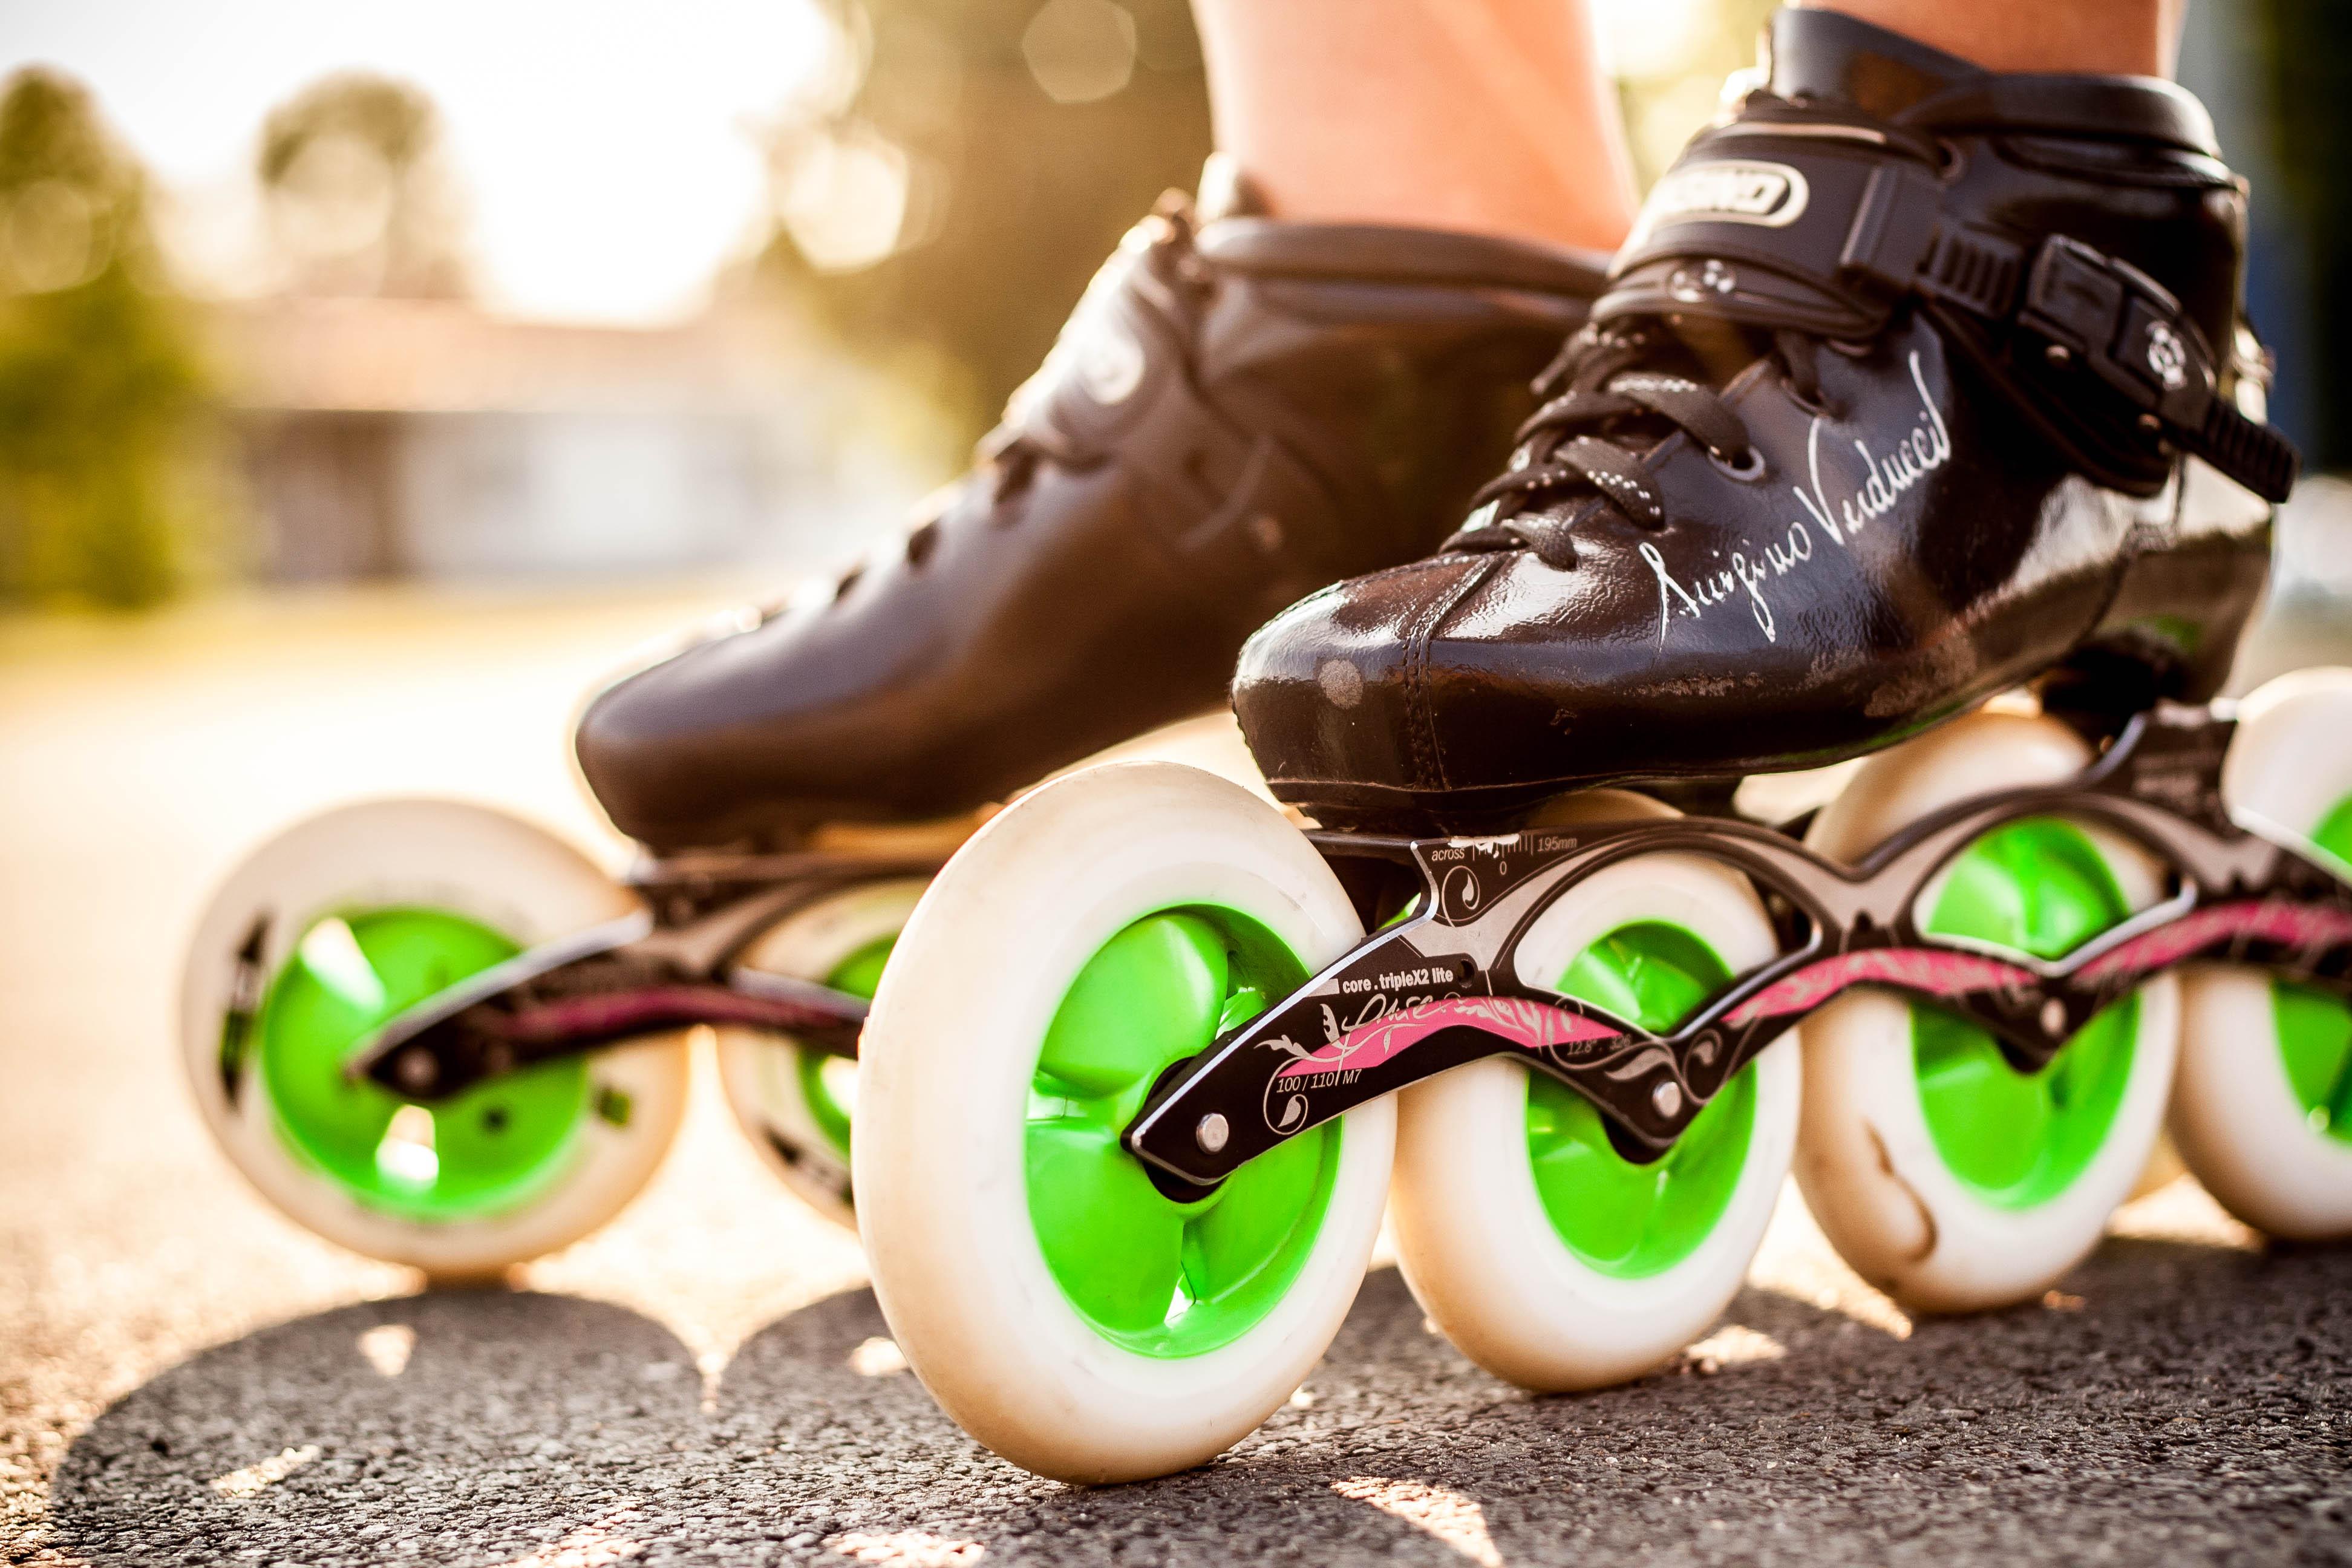 Photographe sponsor Roller Bont